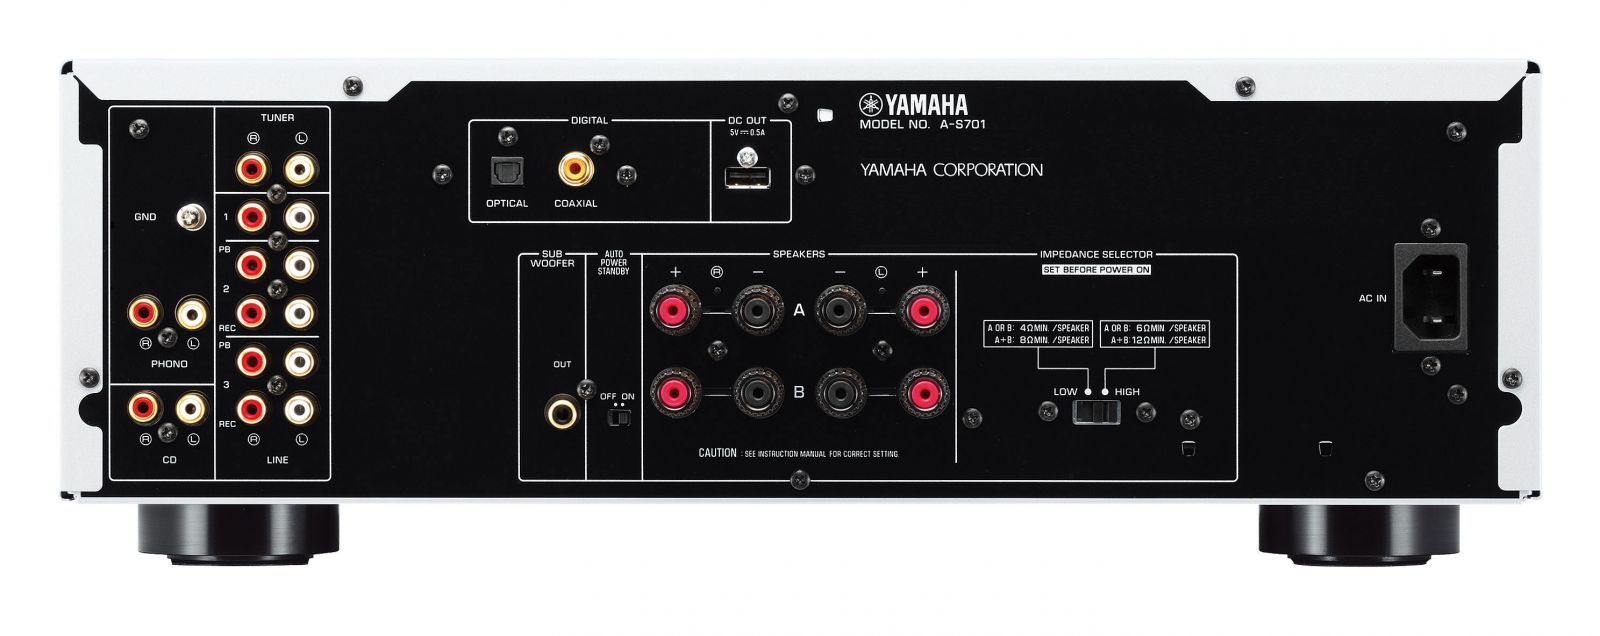 ampli Yamaha A-S701 mat sau